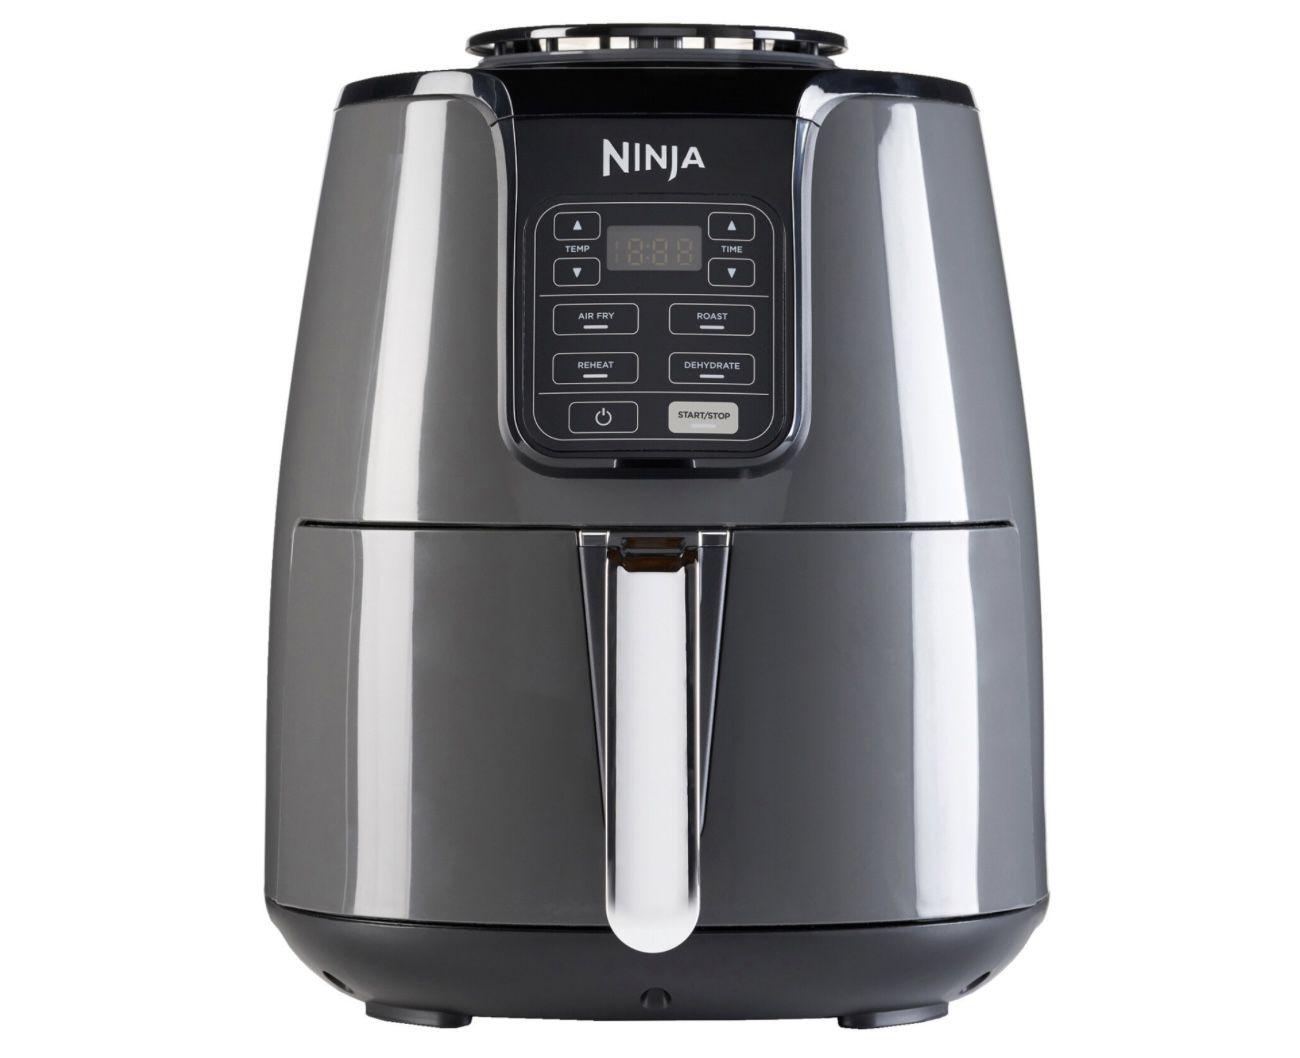 Ninja AF100EU Heißluftfritteuse mit präziser Temperaturregelung in Schwarz/Silber für 82€ (statt 89€)